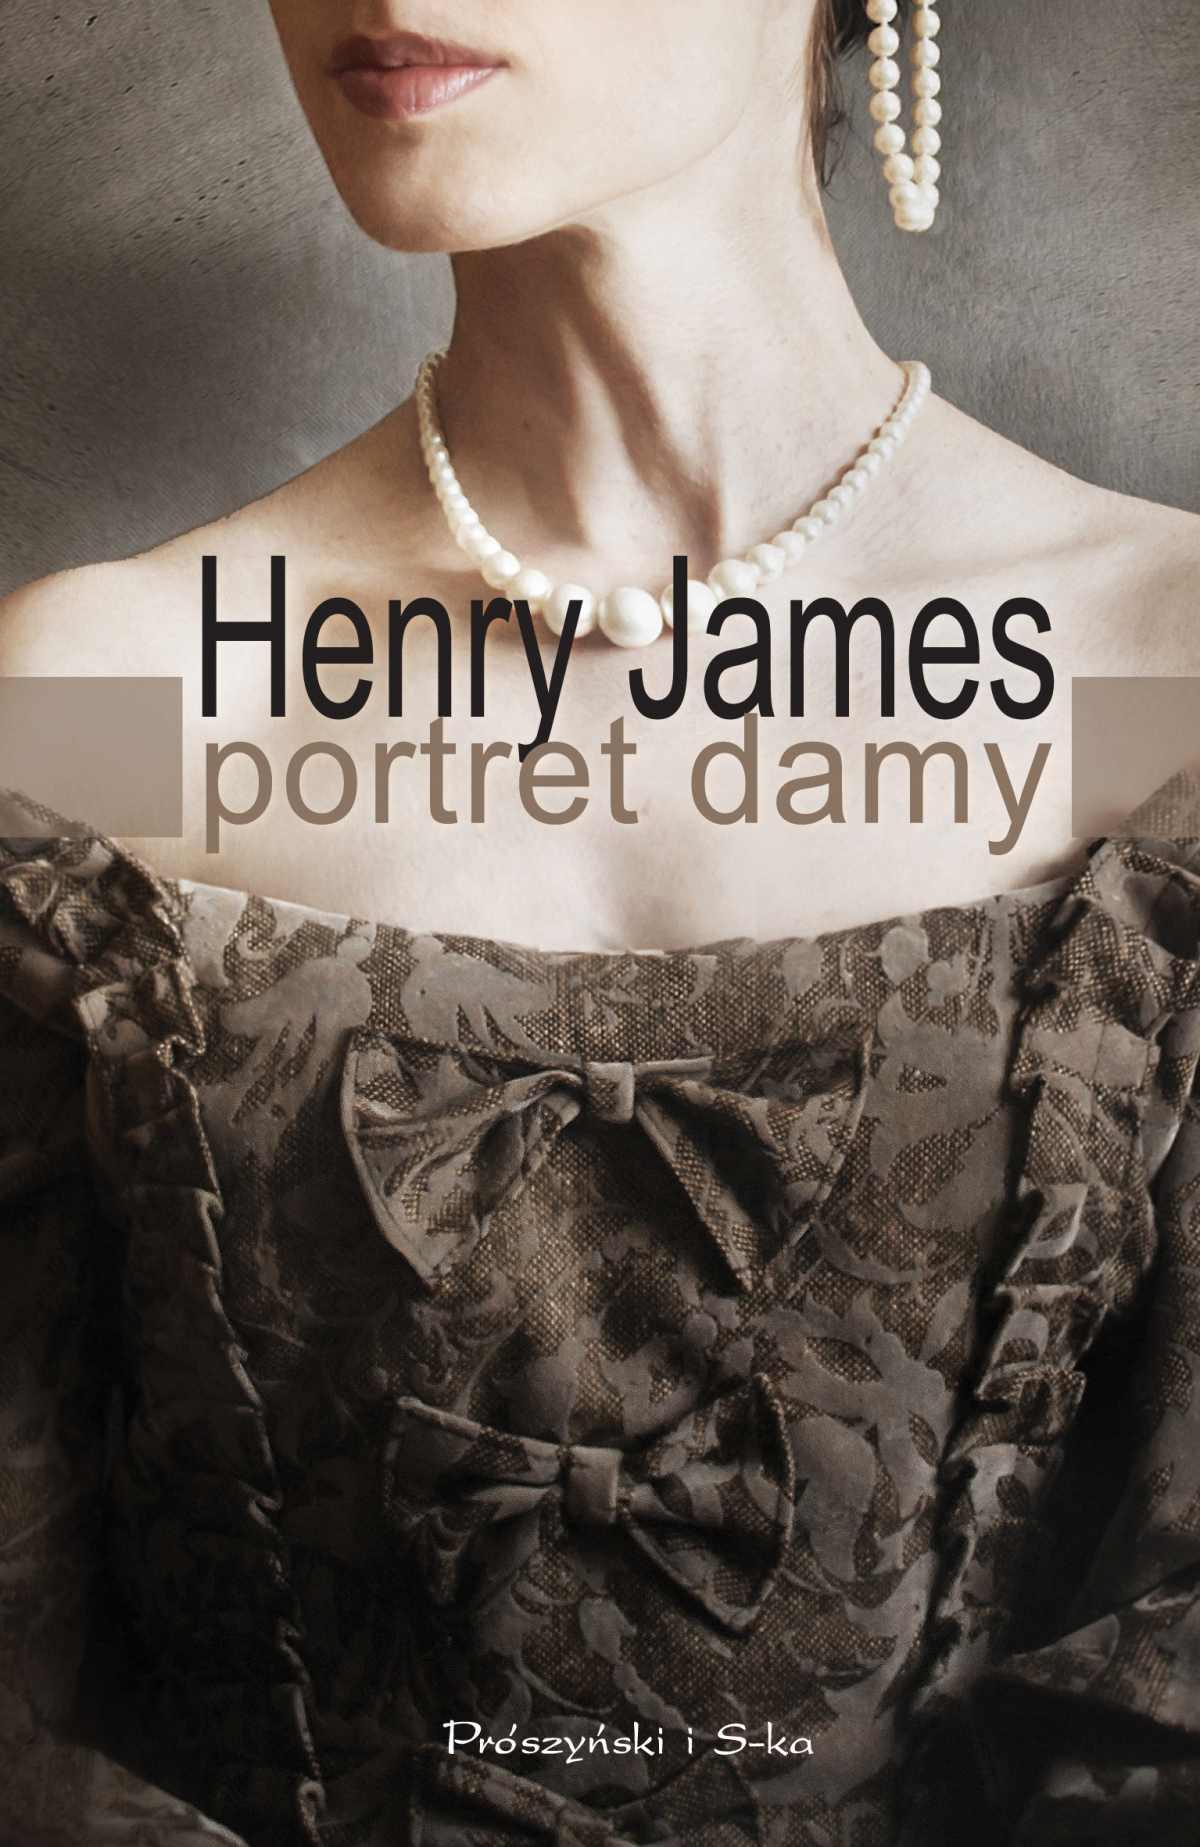 Portret damy - Ebook (Książka EPUB) do pobrania w formacie EPUB